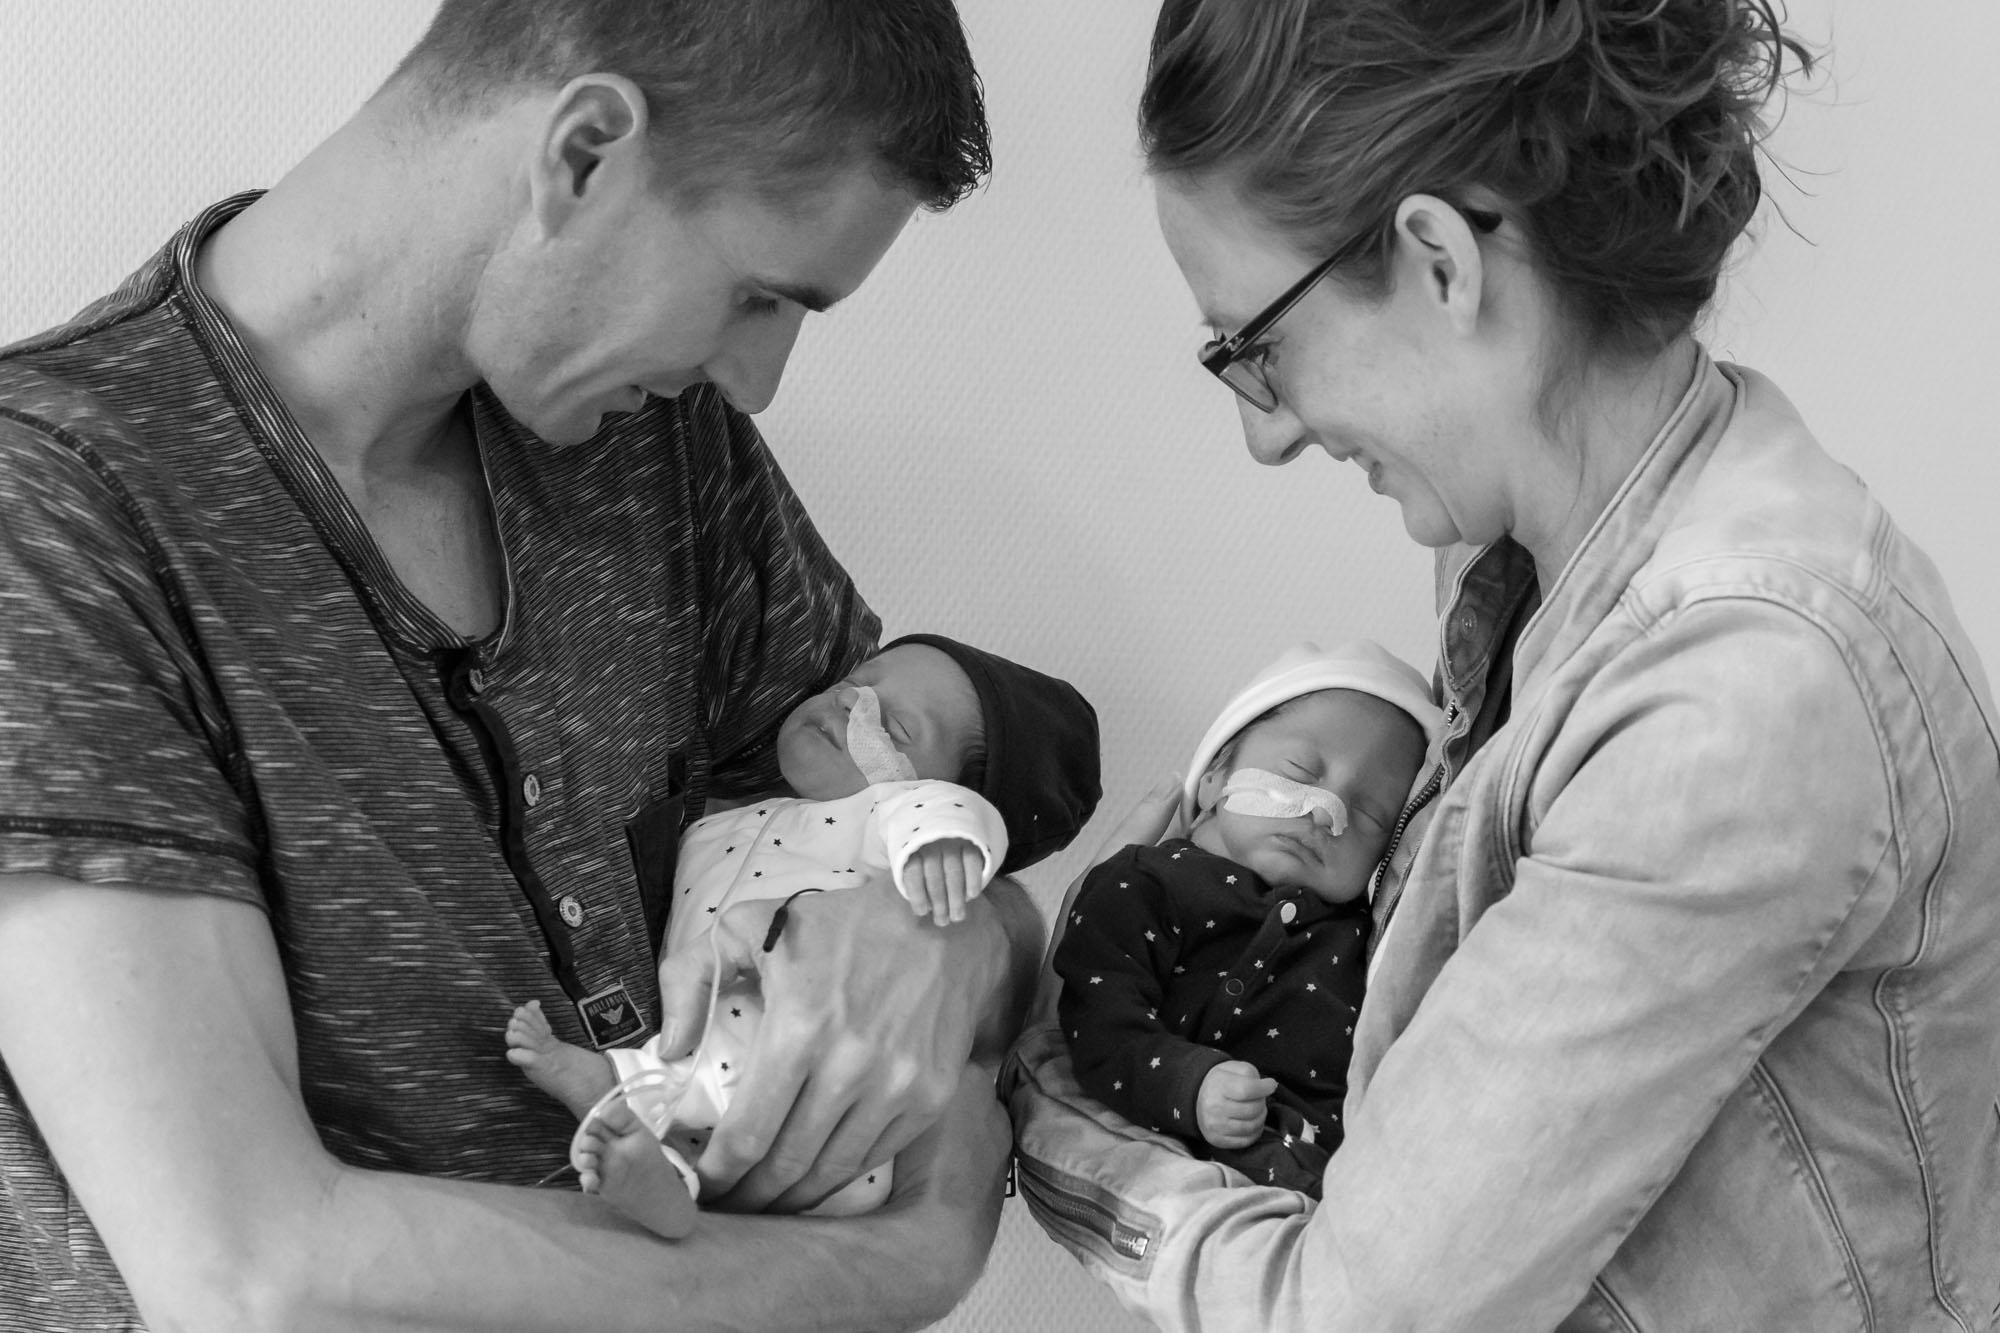 foto van ouders met premature tweeling baby's voor stichting earlybirds door mayrafotografie